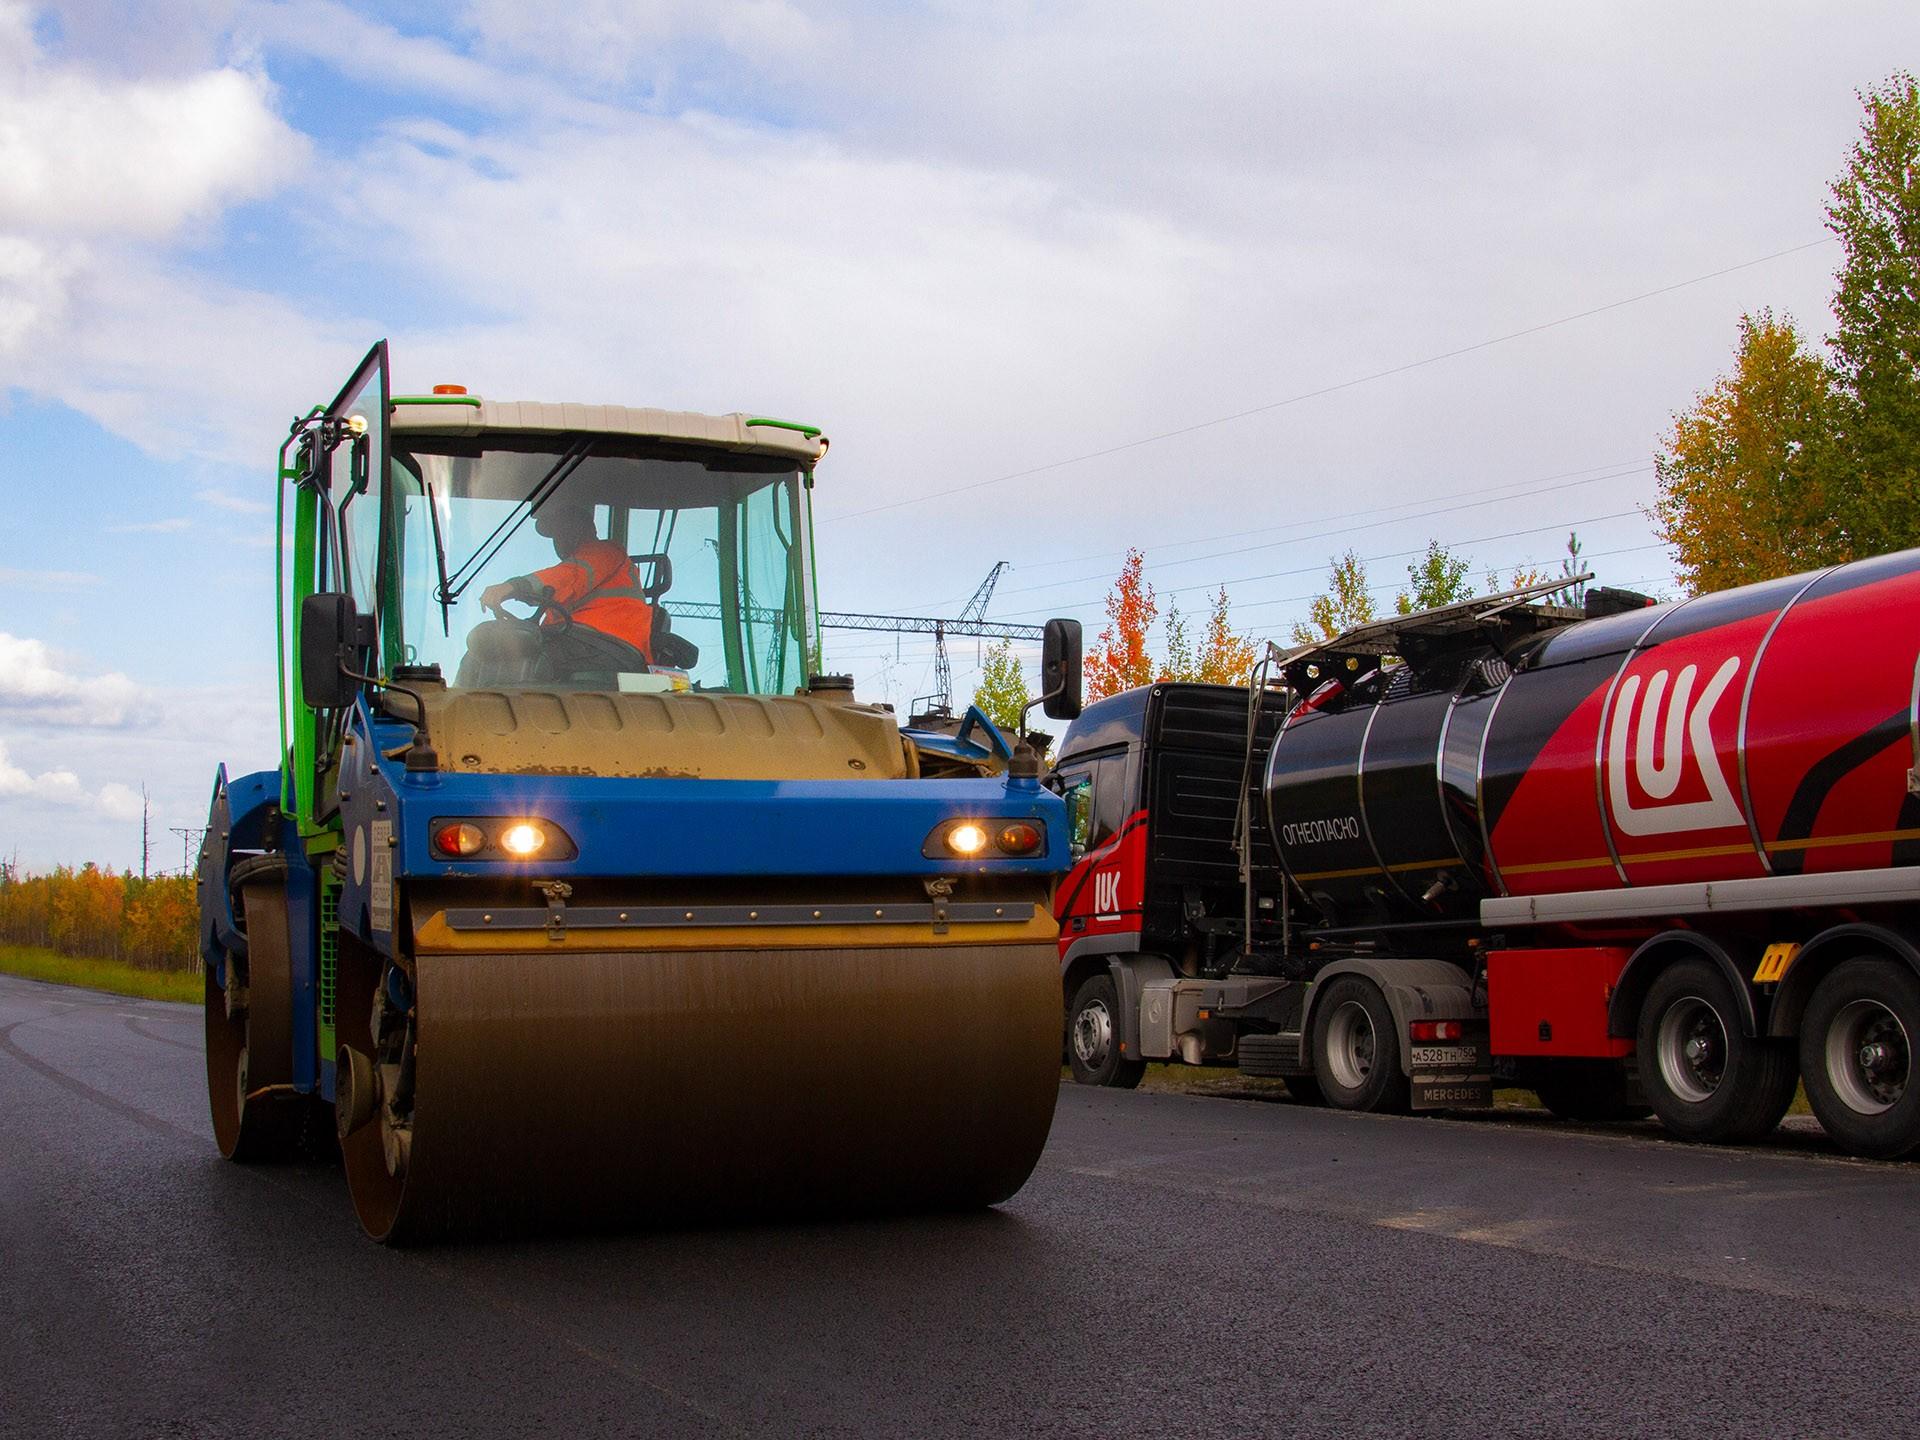 ЛУКОЙЛ И Ханты-Мансийский автономный округ – Югра развивают сотрудничество в дорожной отрасли